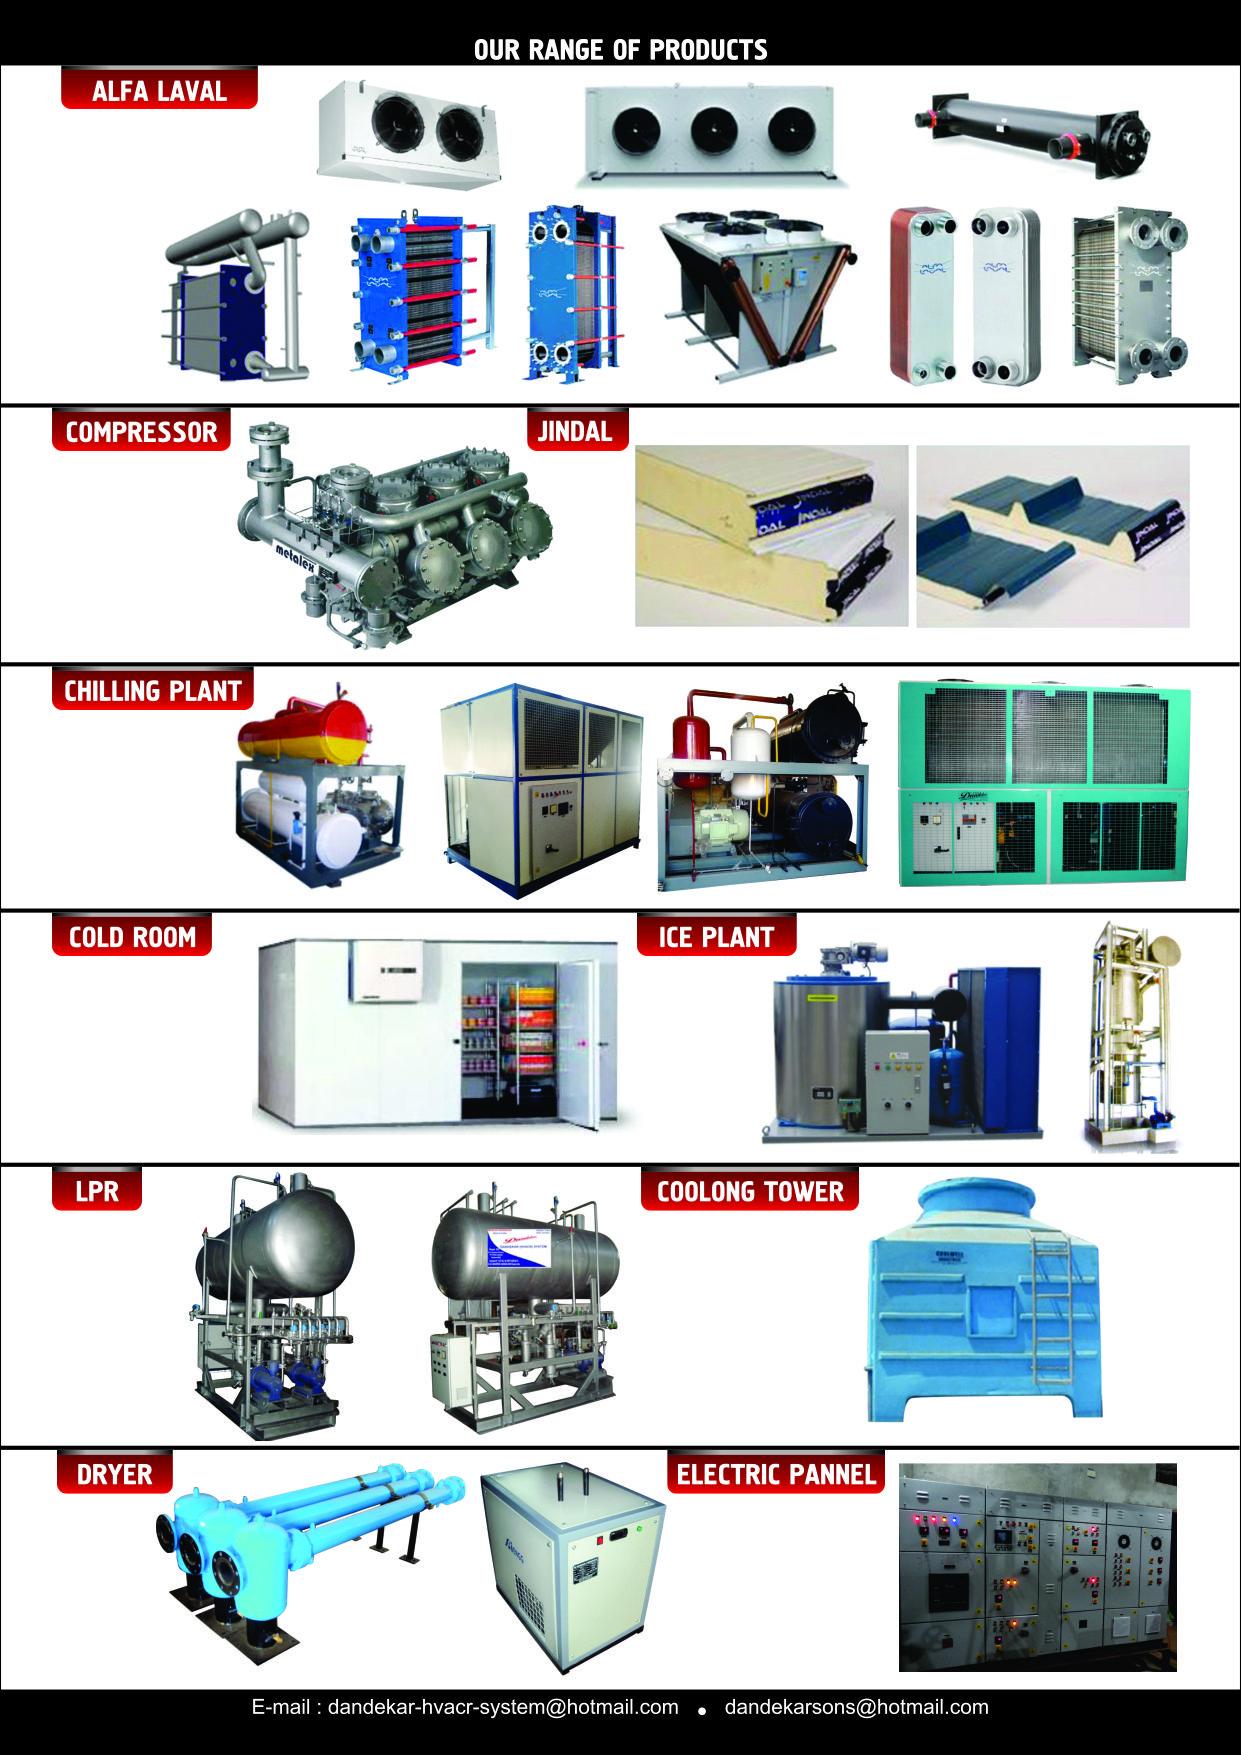 Dandekar HVACR System